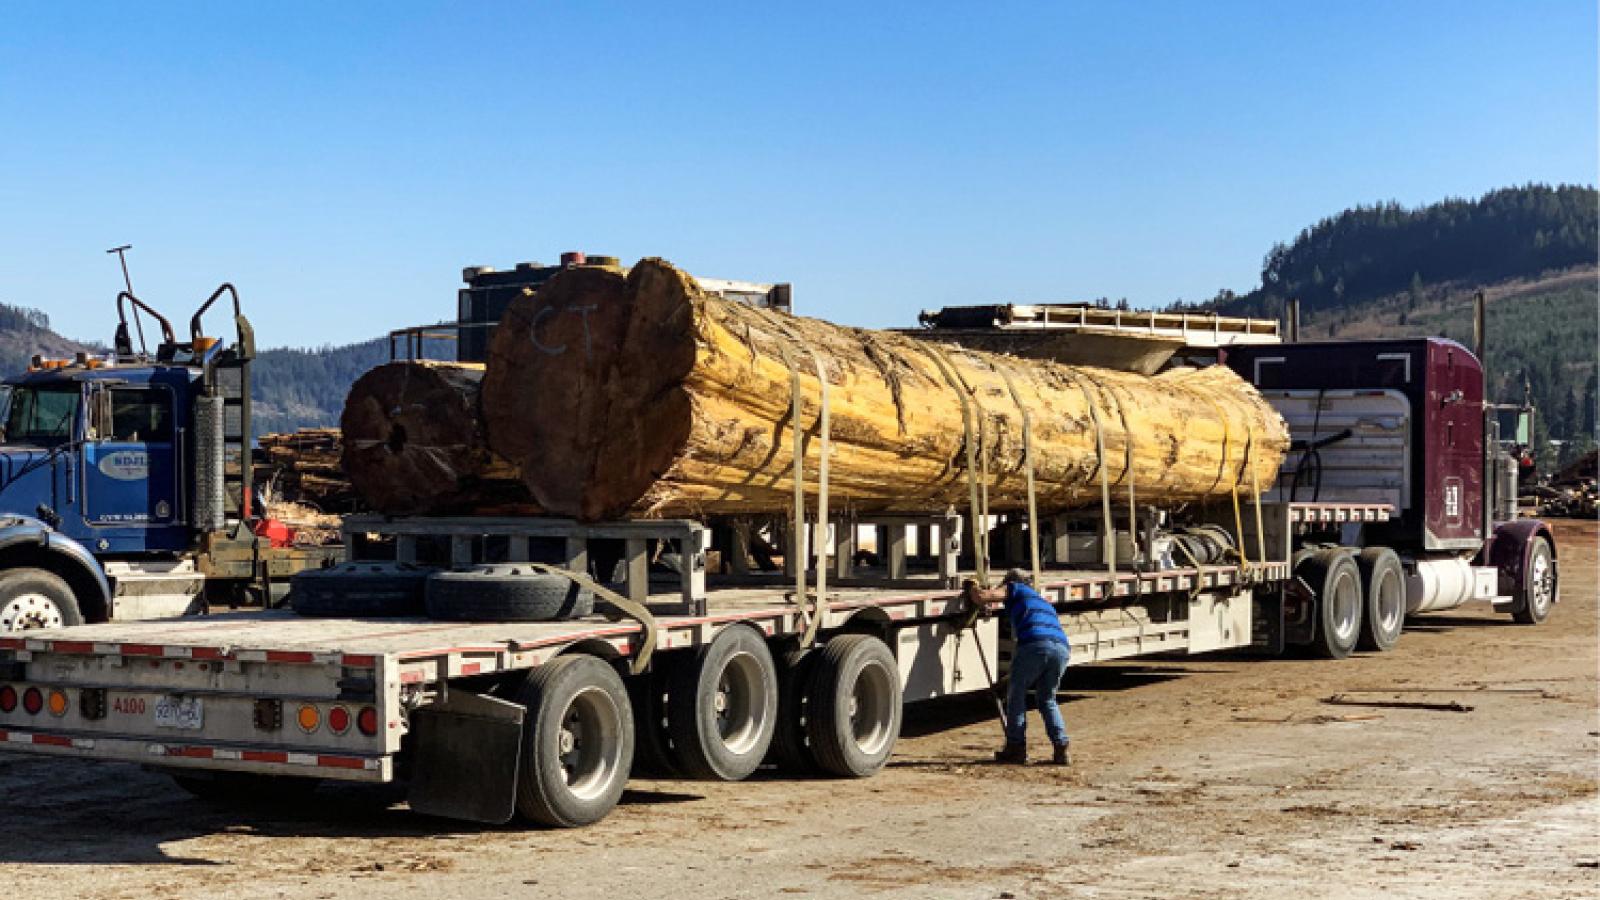 Ein alter Baum geht auf die Reise – von der kanadischen Westküste an die Ostküste